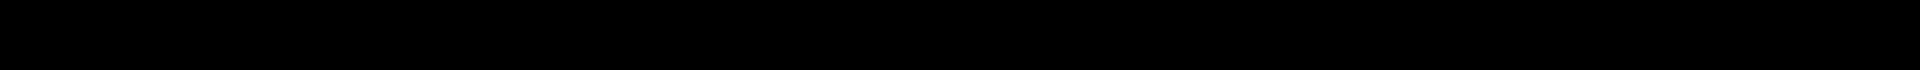 GFDM и тензоры. Продолжение - 12